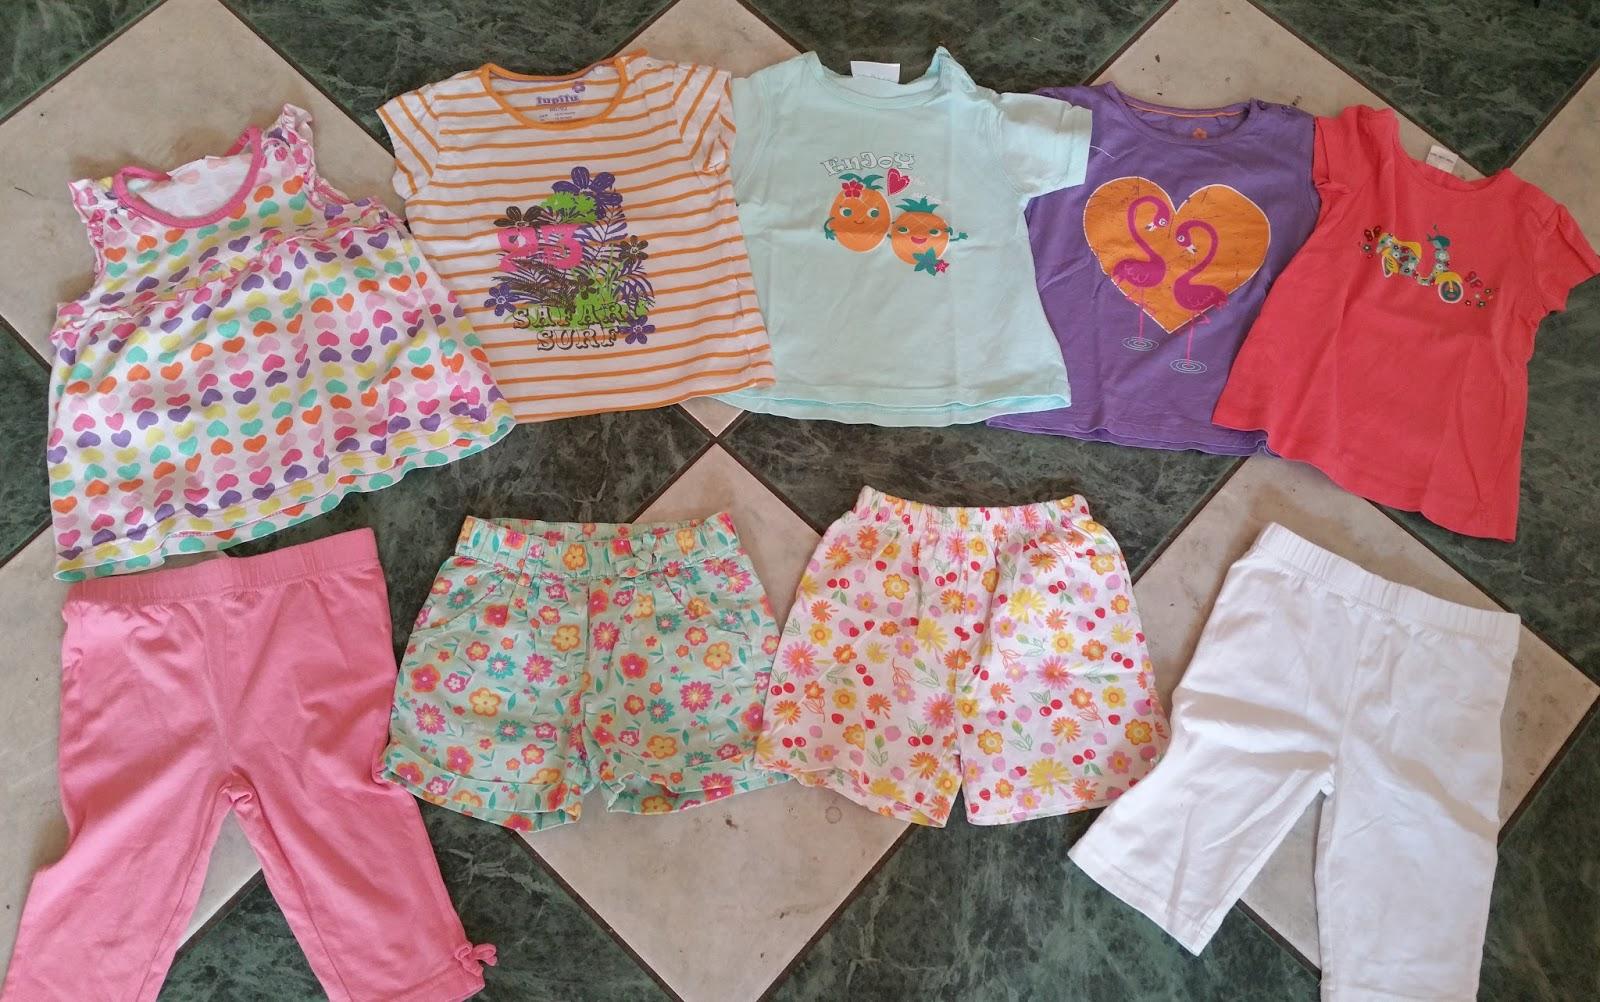 9695a1adc08 Dit is mijn nieuwe favoriete manier om aan baby/kinder kleding te komen! Je  hebt veel keus, veel meer dan bij een kringloopwinkel en ik heb de baby bij  de ...